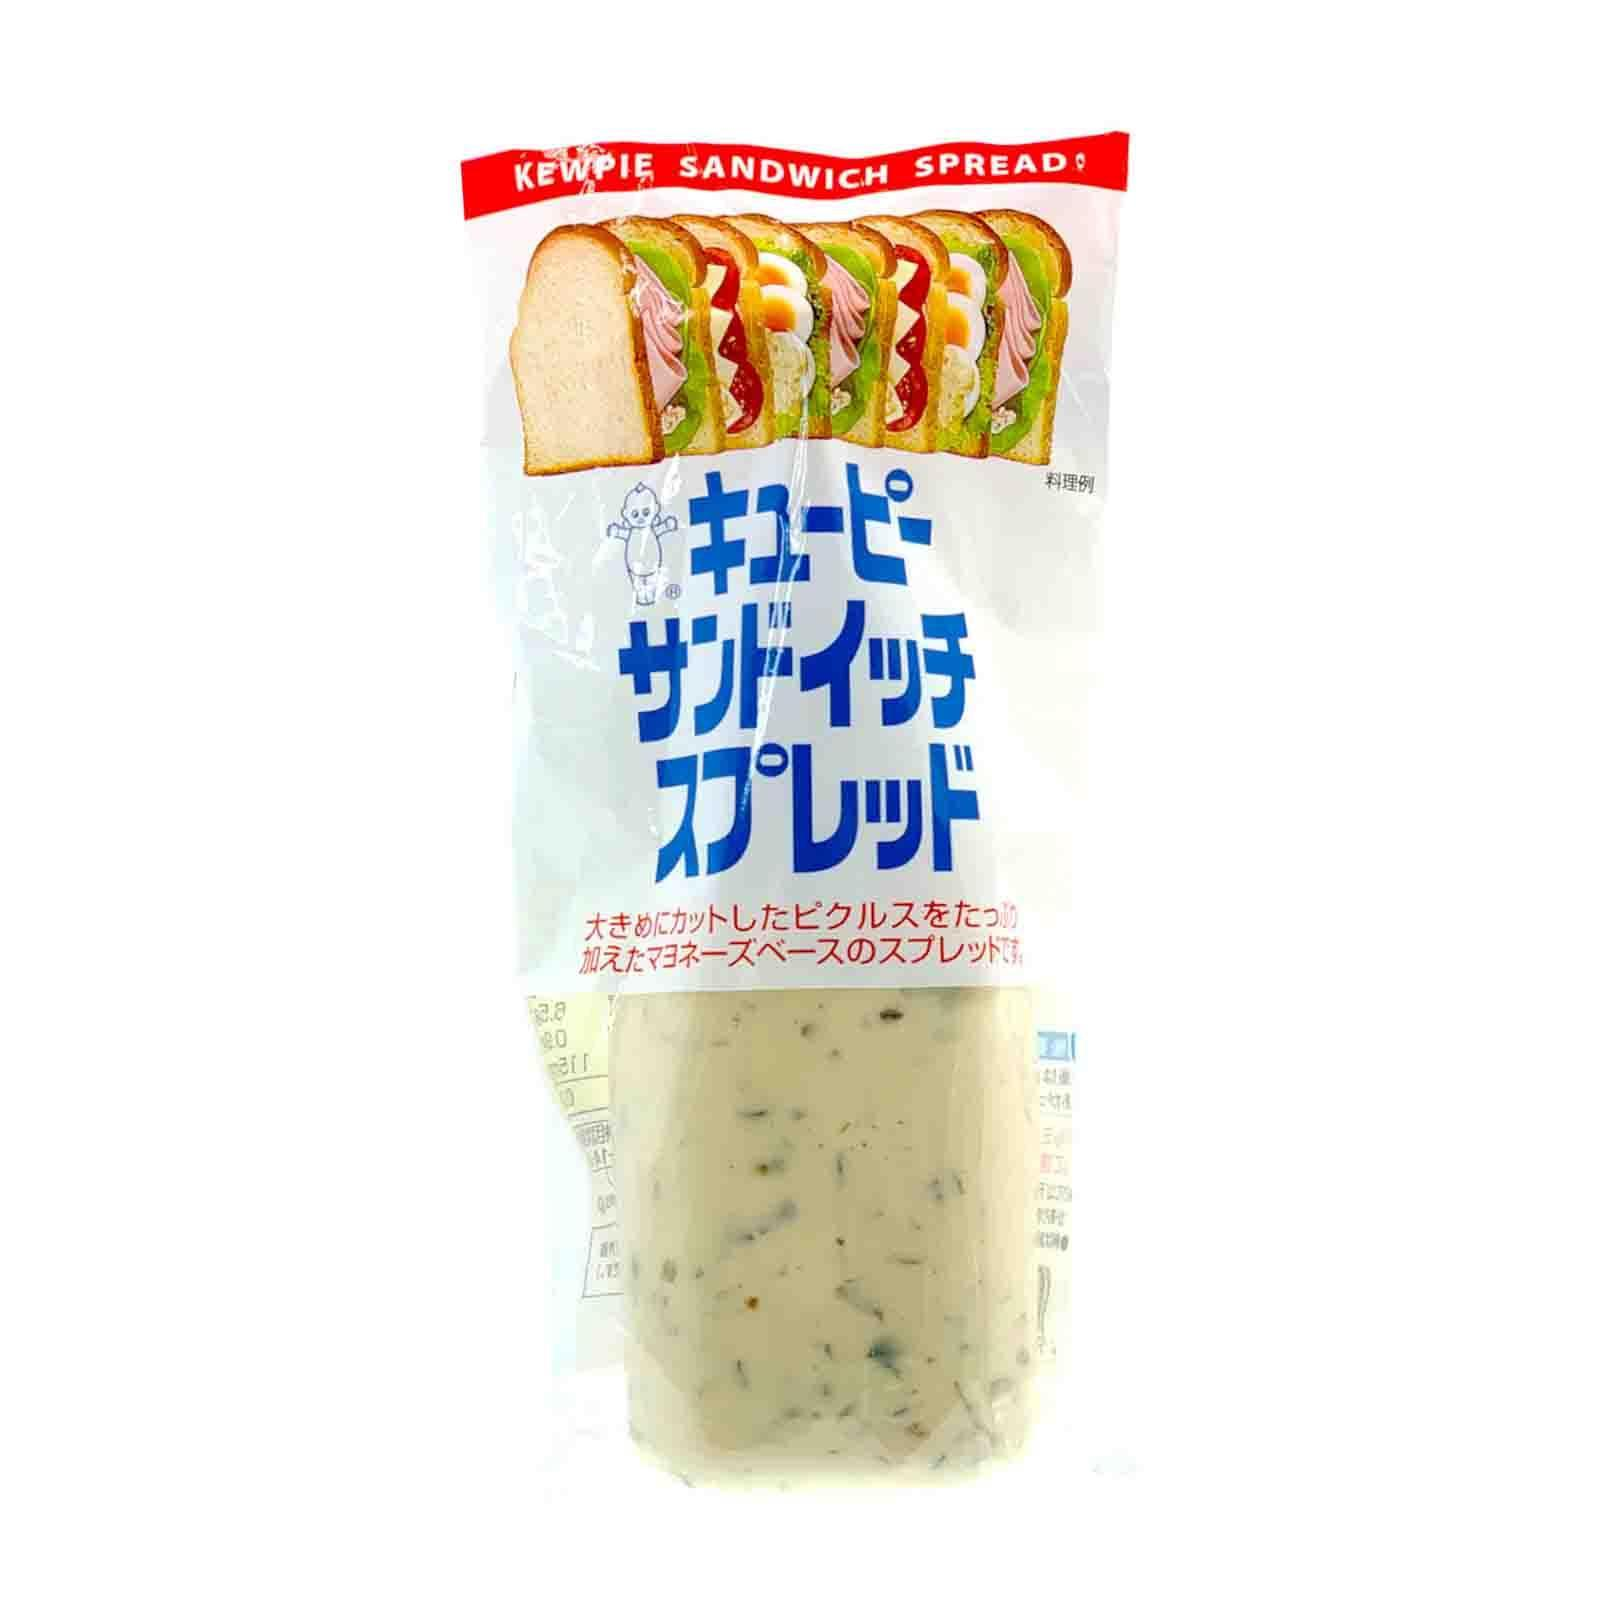 Kewpie Sandwich Mayo Spread